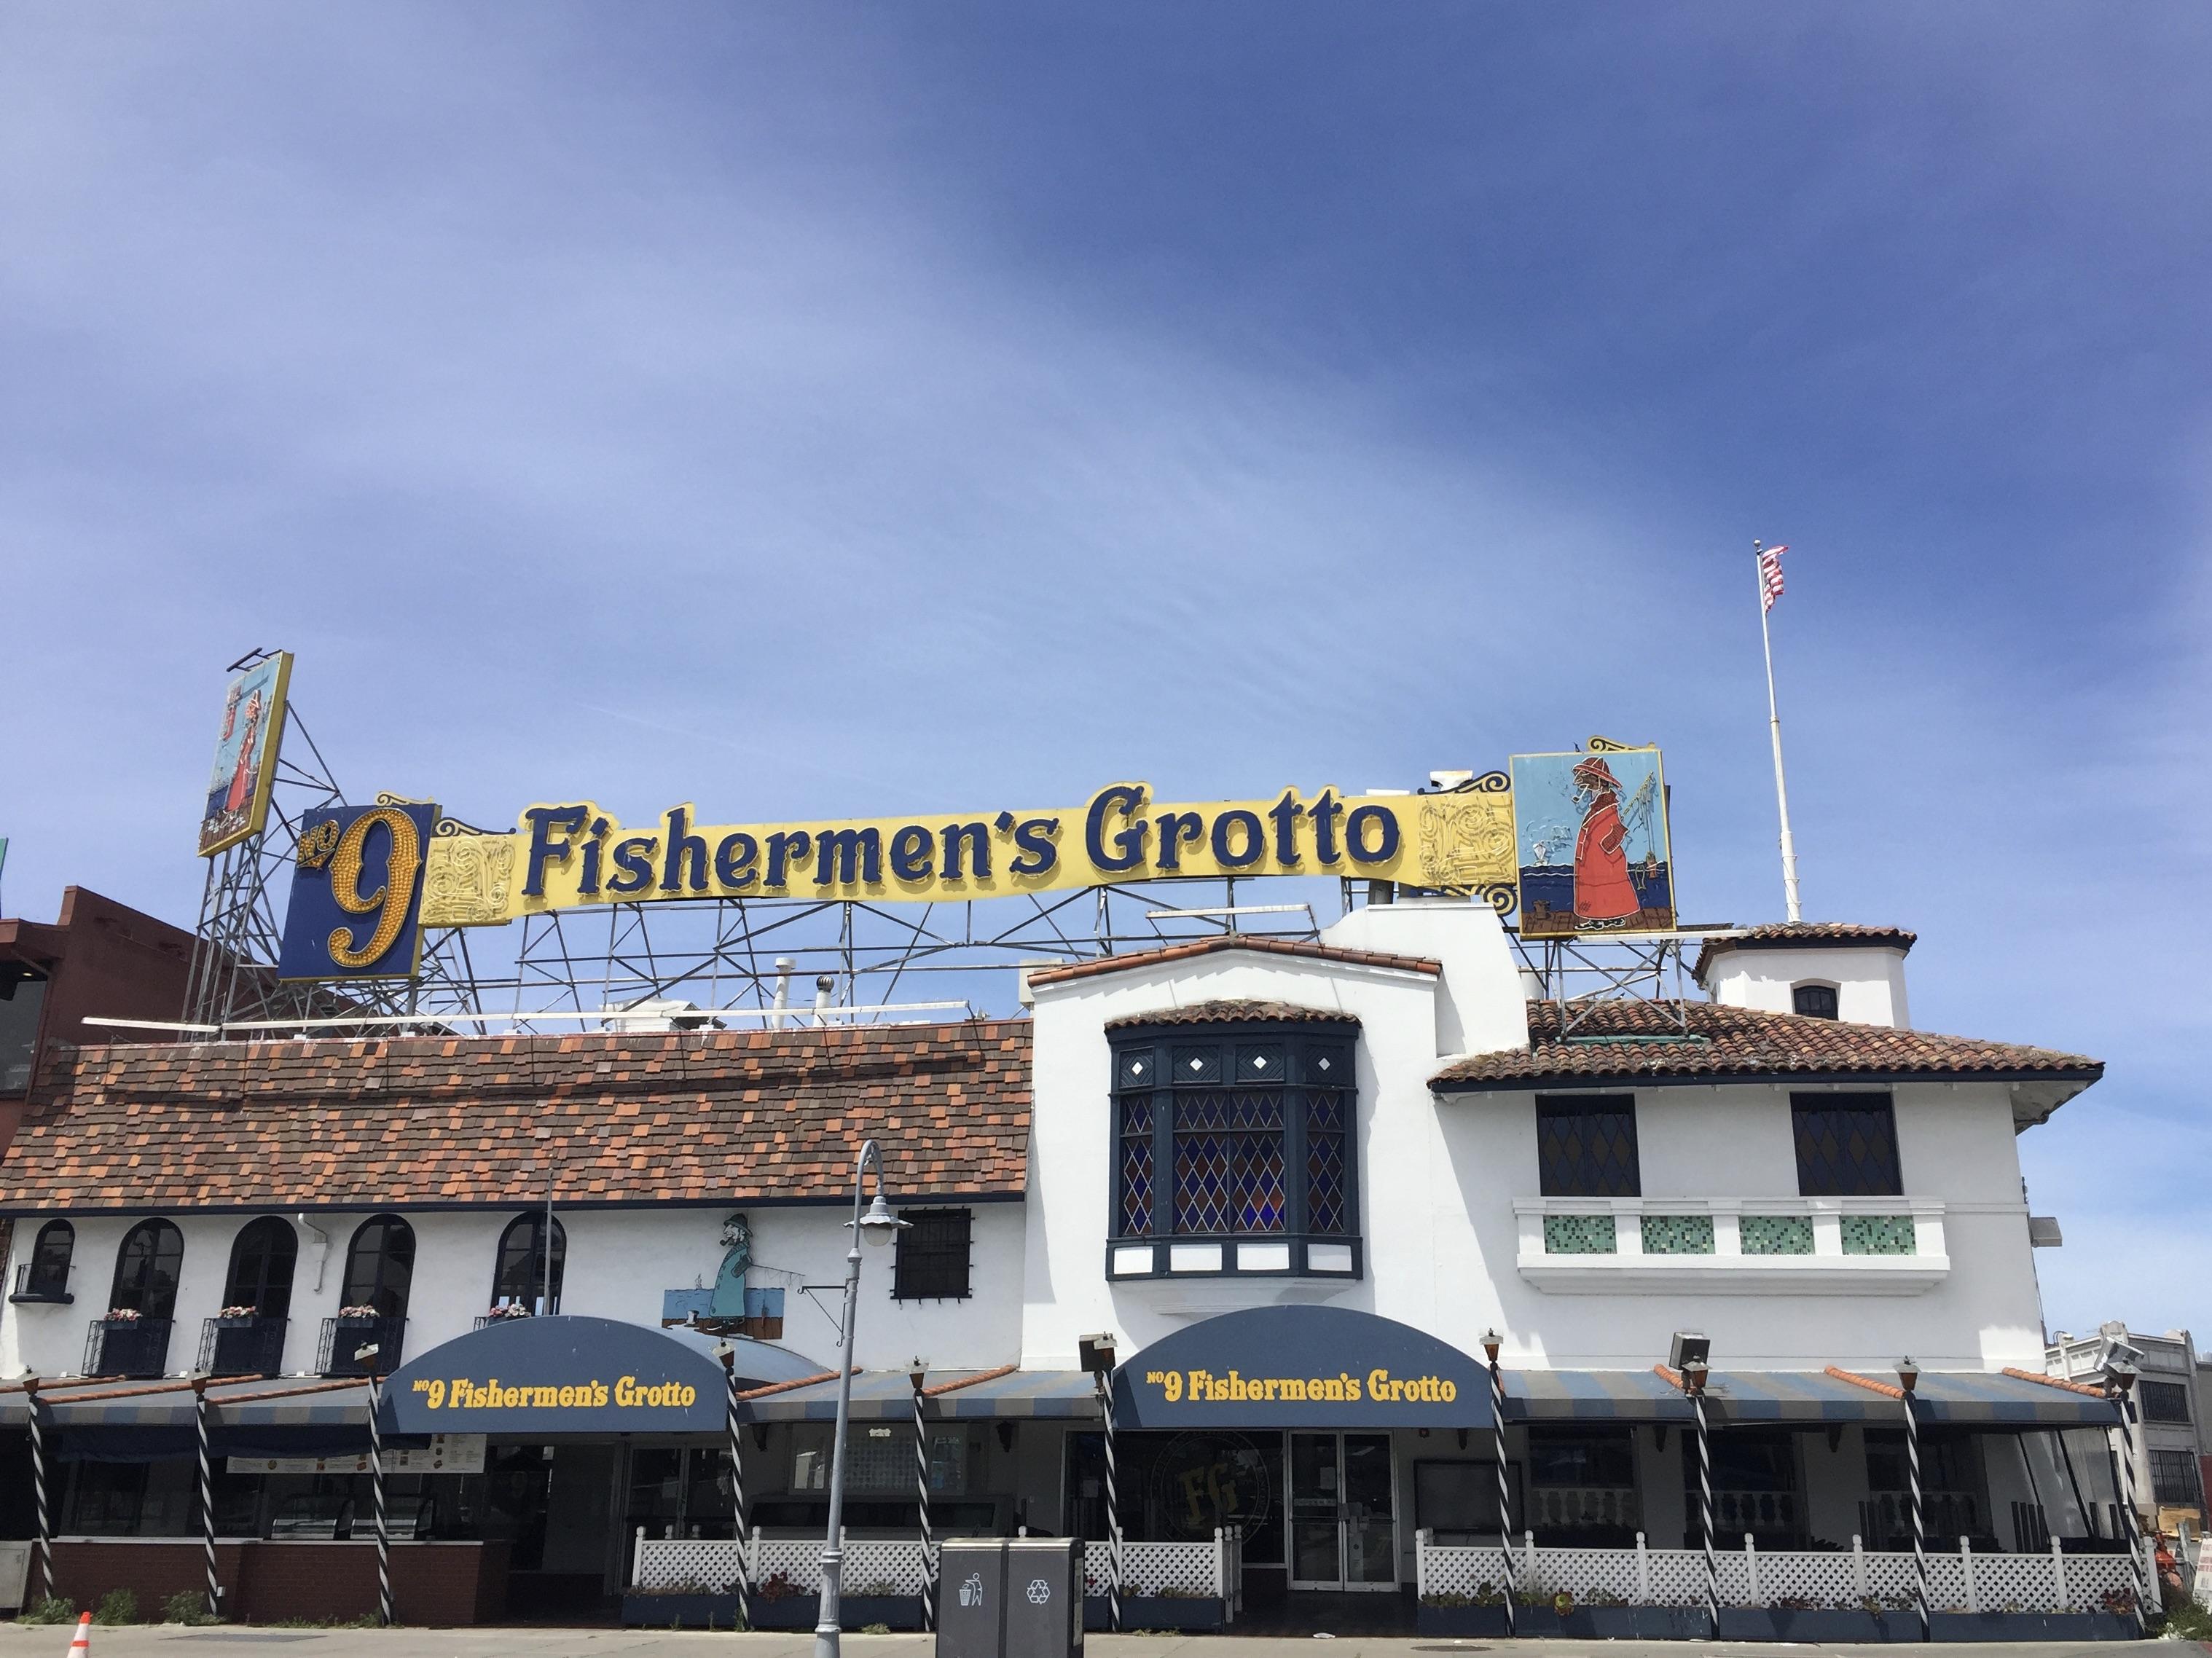 Fisherman's Wharf, 5.22.20, Martin Haro